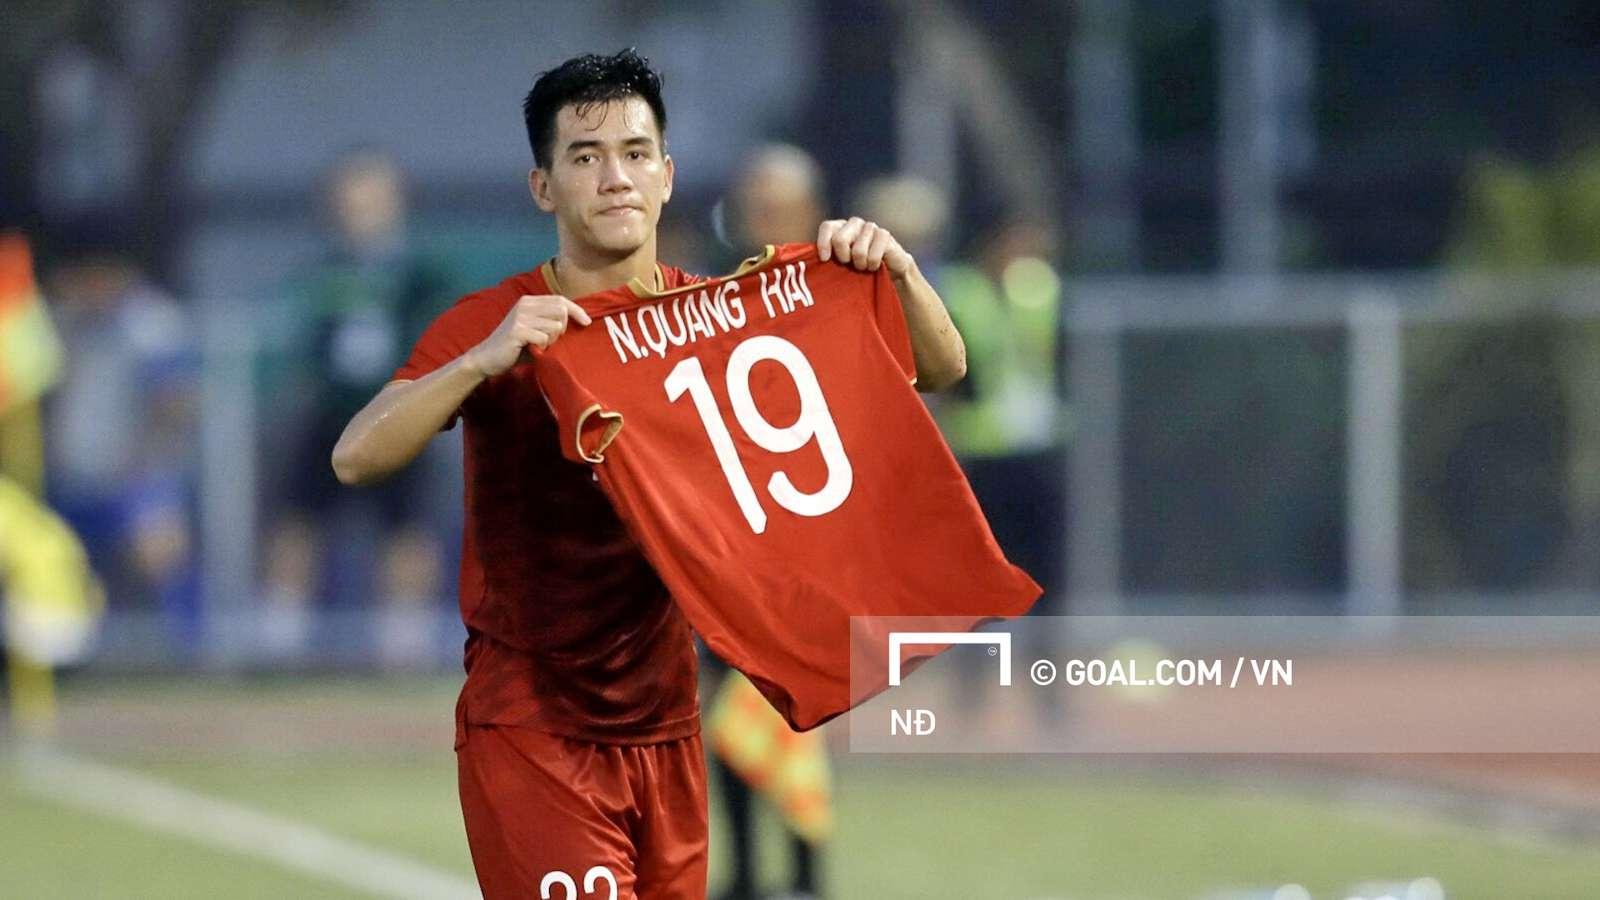 Bàn thắng của Tiến Linh giúp U22 Việt Nam giành một điểm quan trọng, chiếm ngôi đầu bảng B và đoạt vé vào bán kết